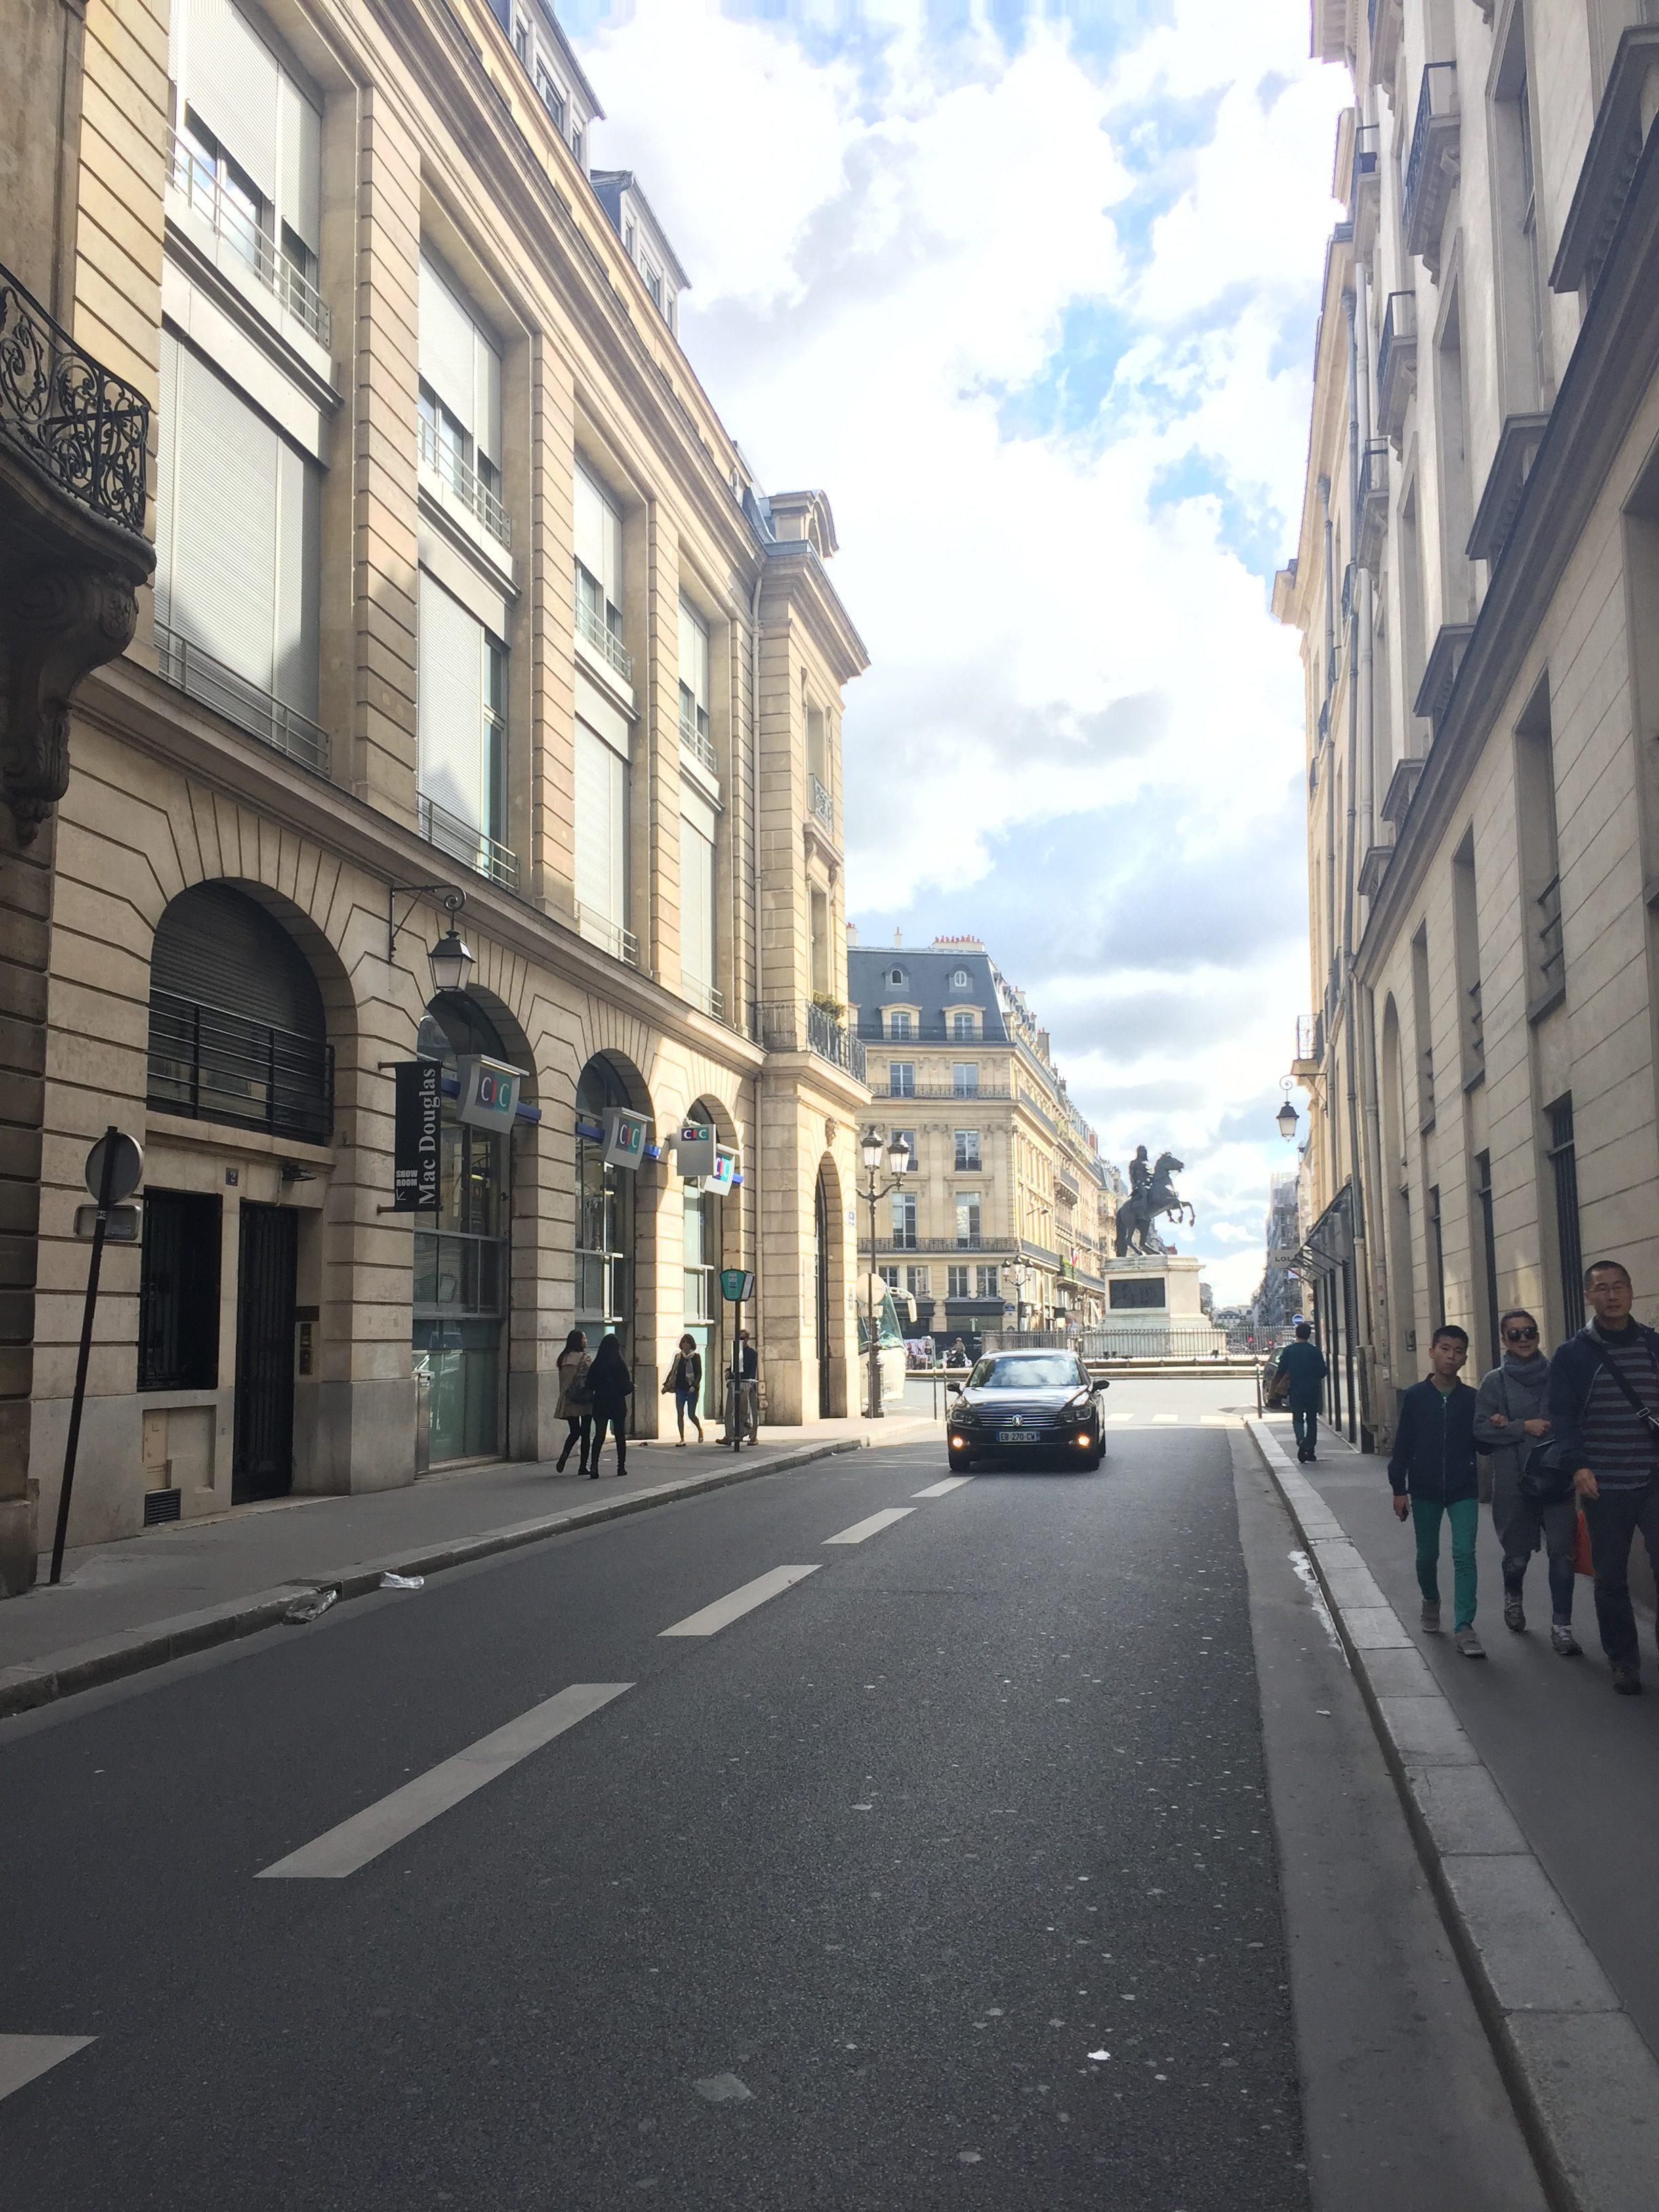 MON MODE, Fashion Blogger, Paris, Things To Do, Marais, Must Visit Spots in Paris